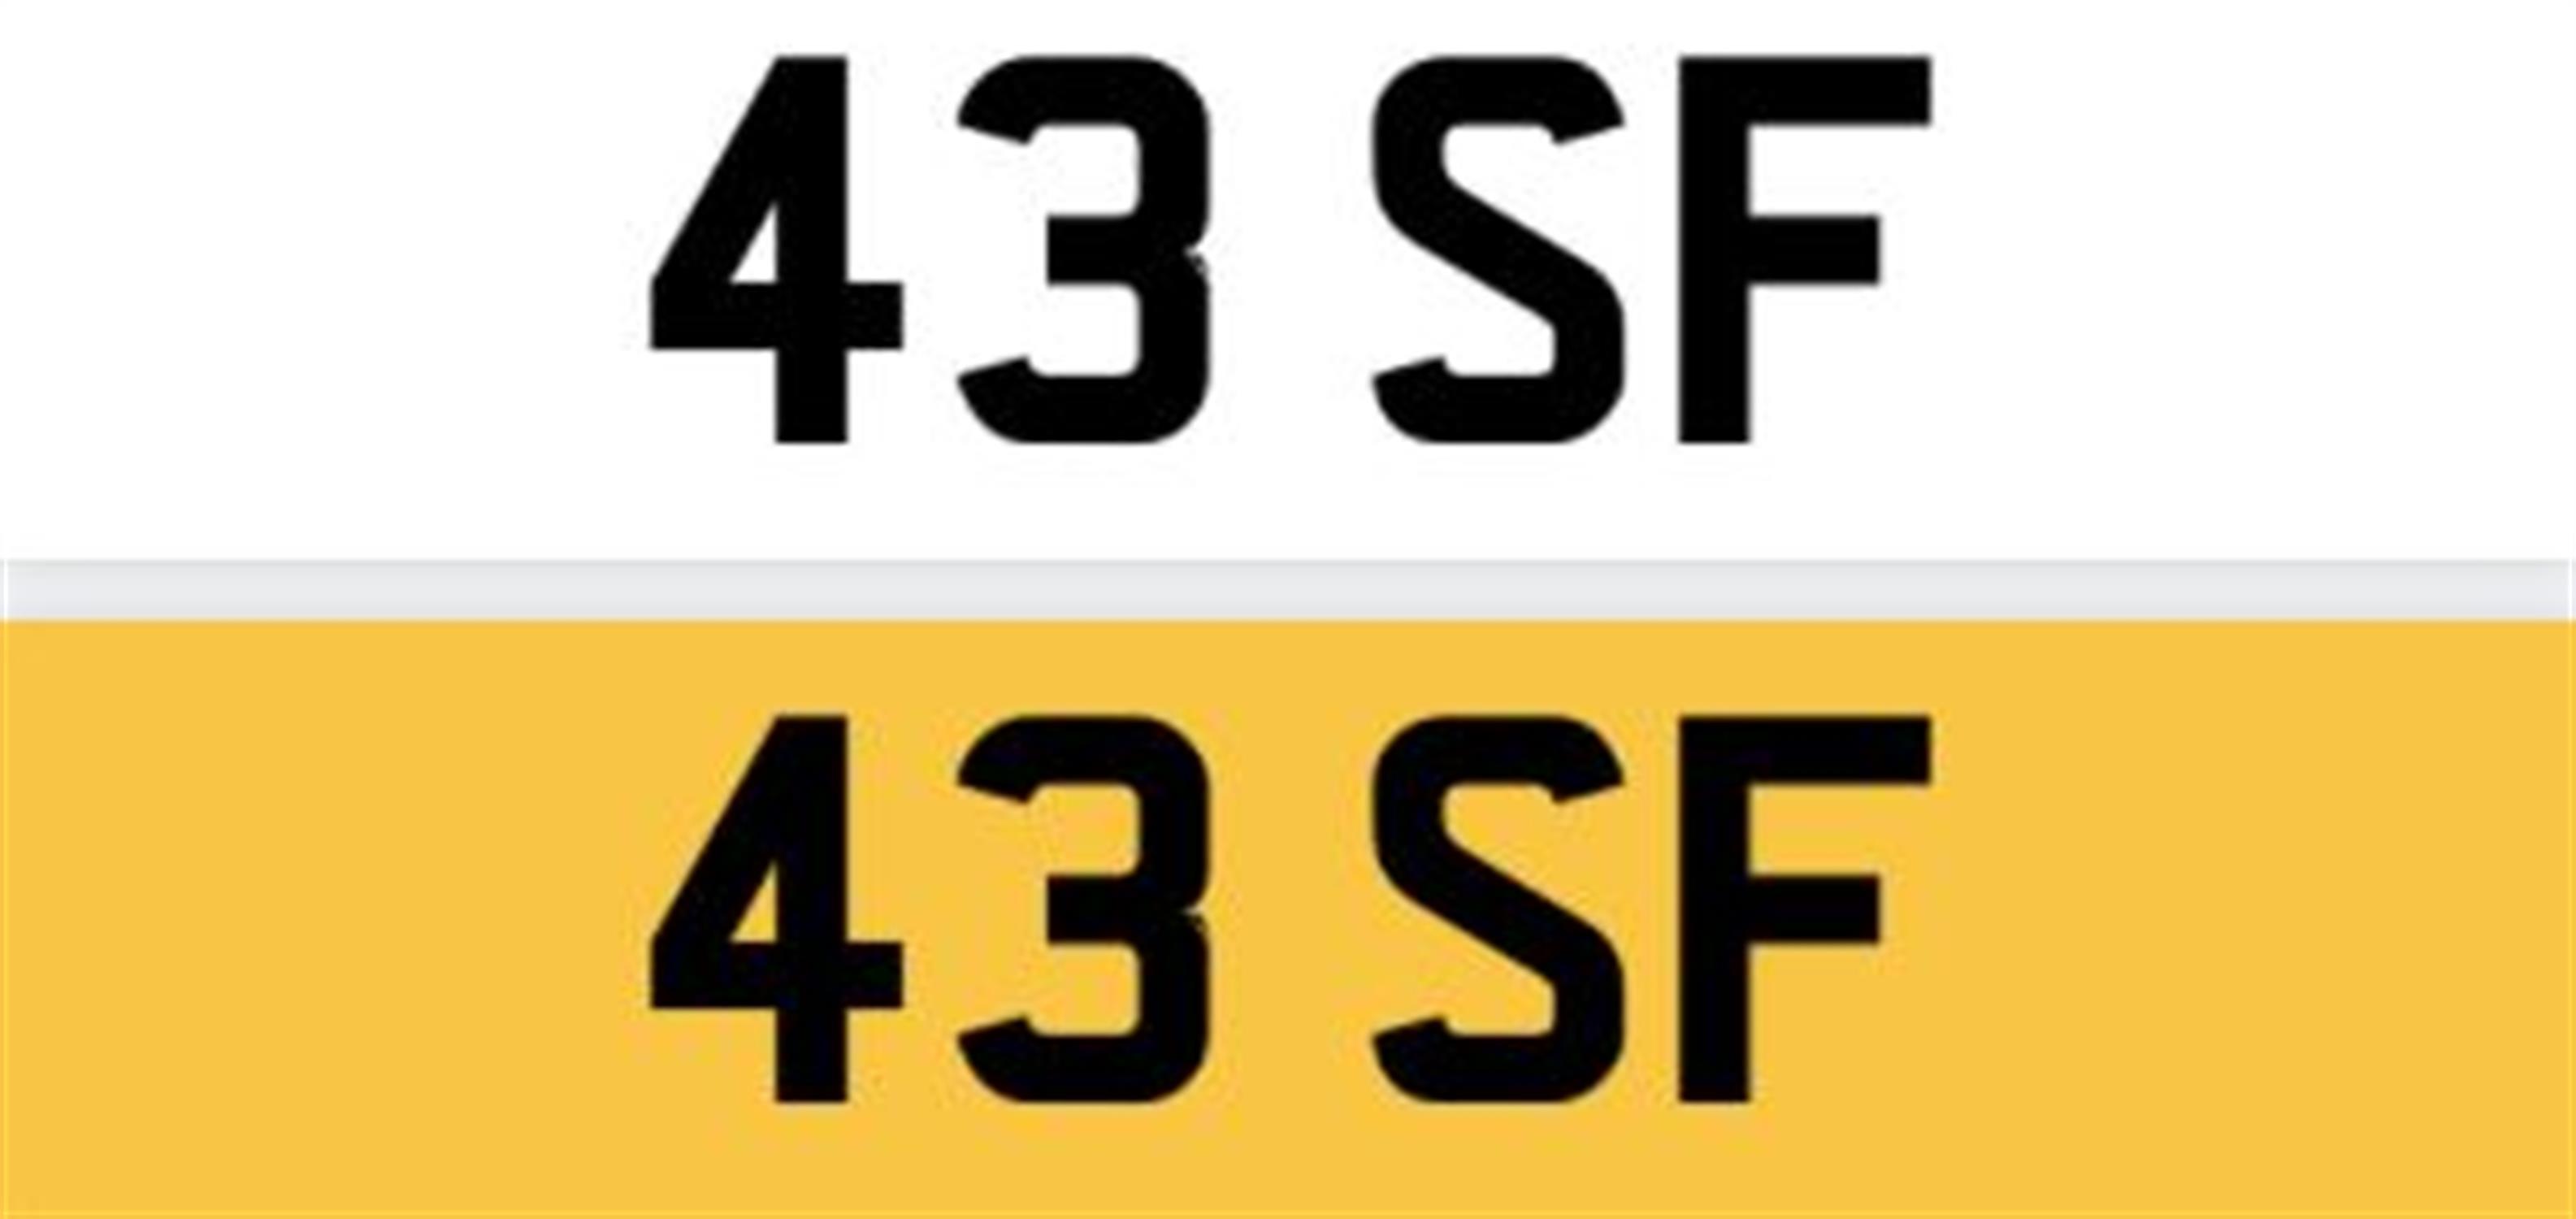 Registration Number 43 SF